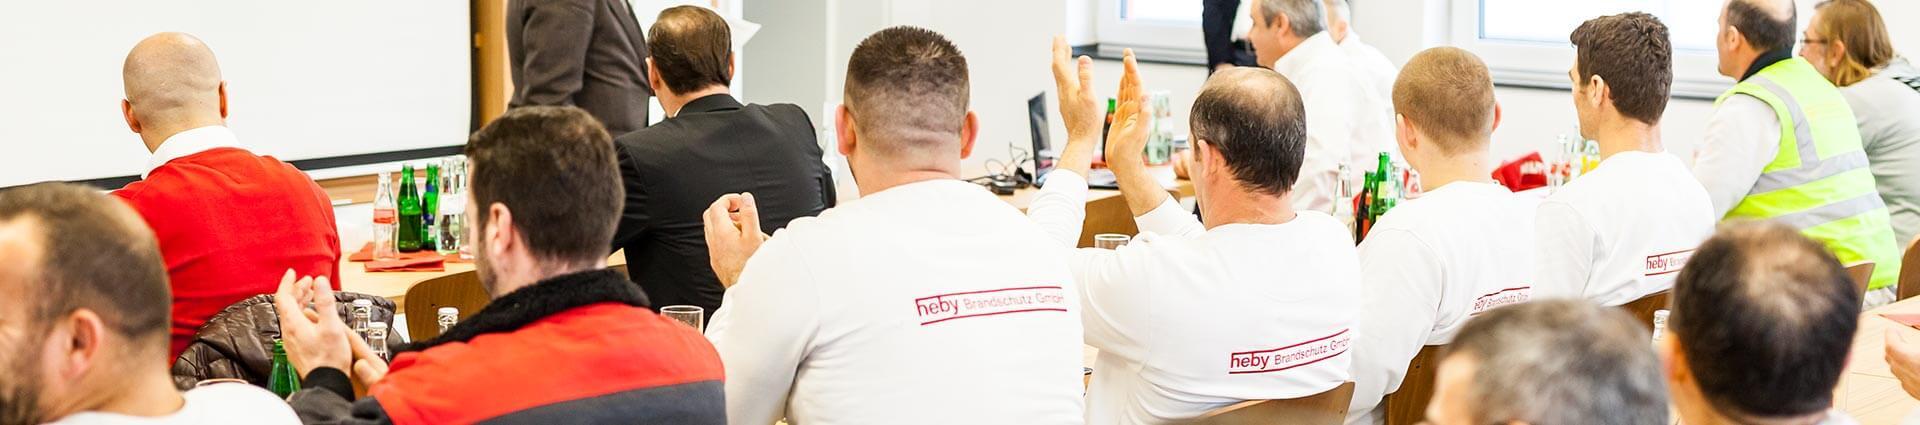 Referenzen und Partner der heby Brandschutz GmbH Düsseldorf